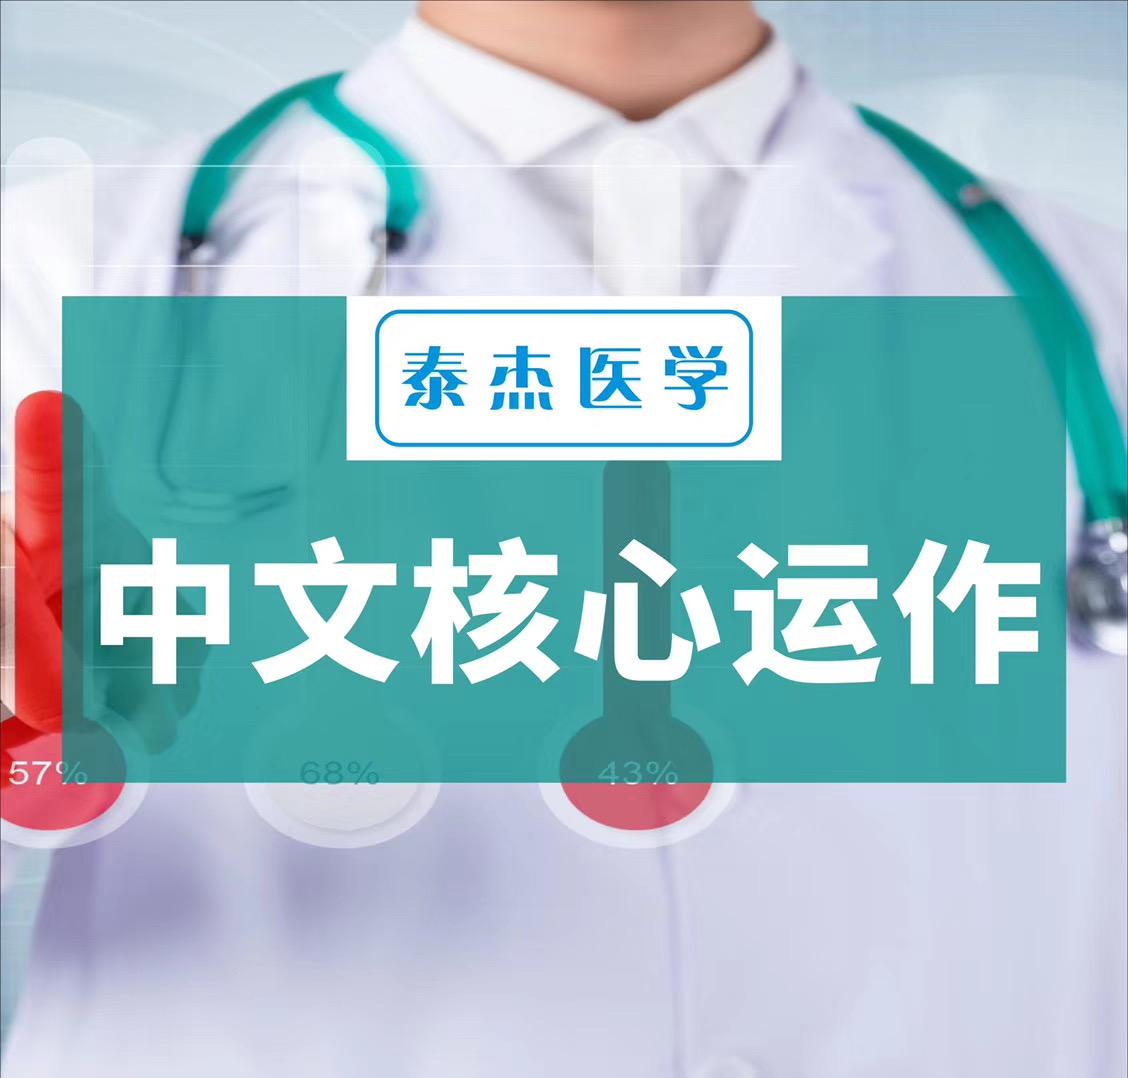 中文核心论文润色-泰杰医学